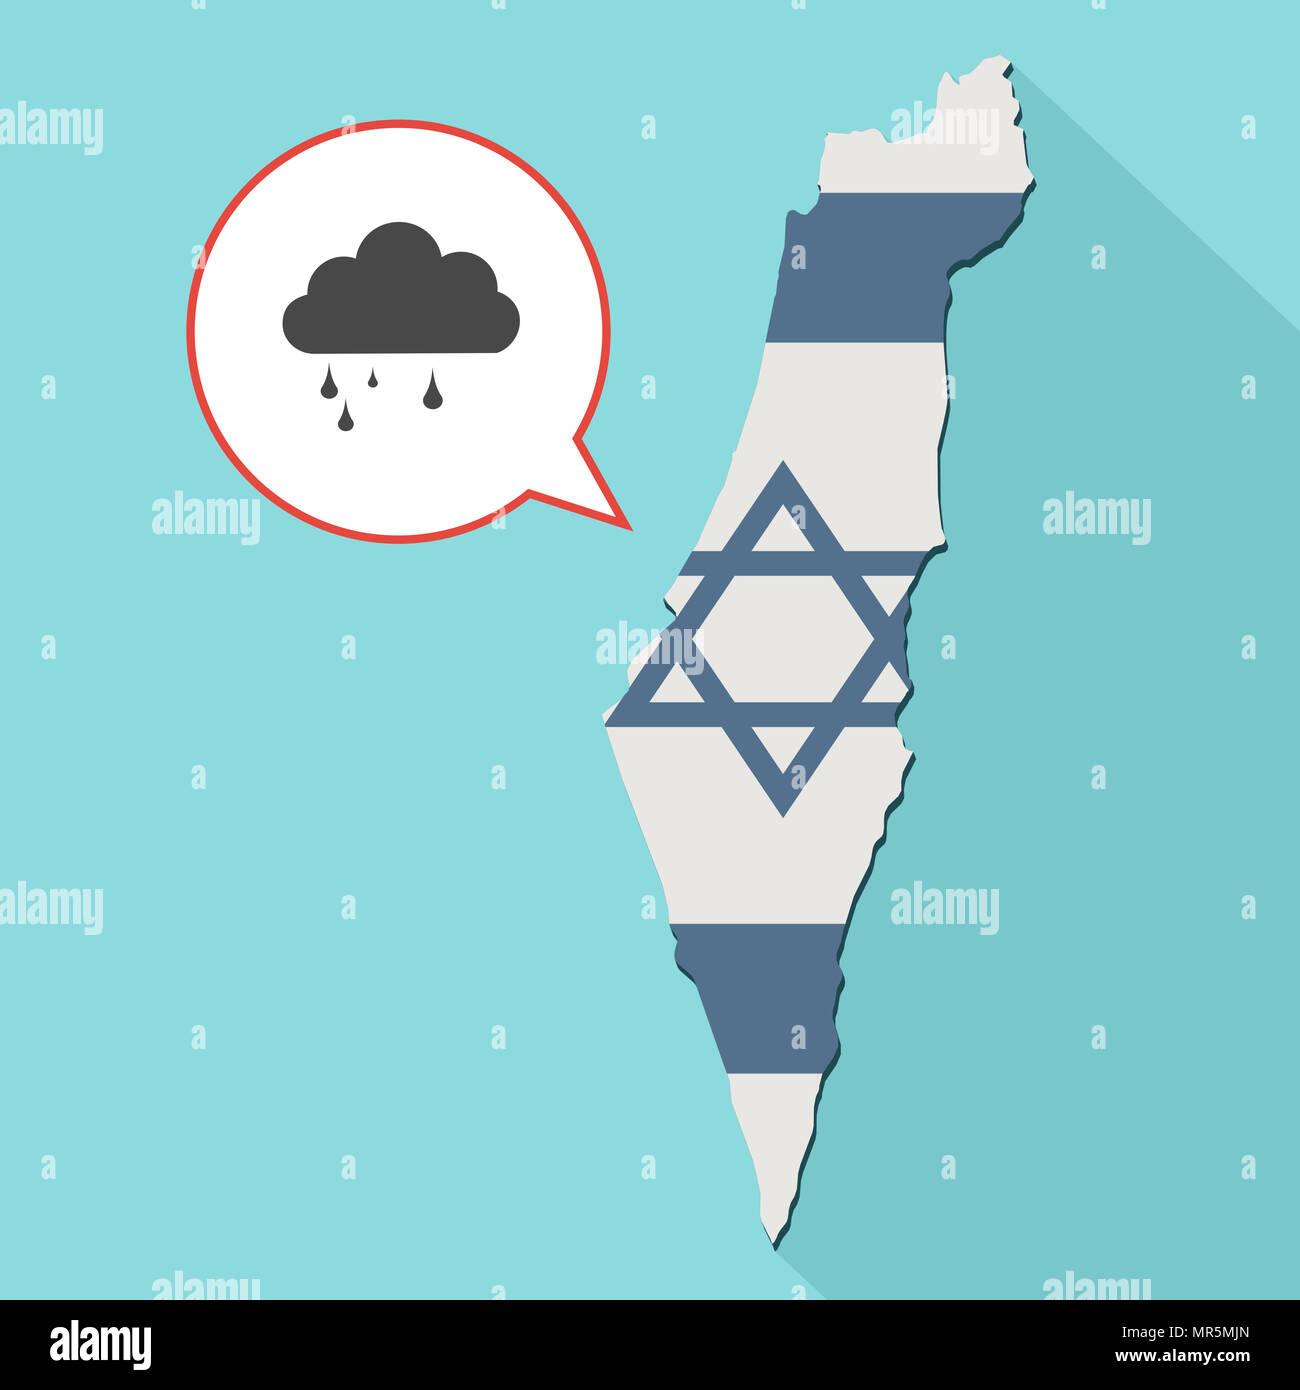 Illustration d'une ombre portée de l'Israël carte avec son drapeau et un ballon de la bande dessinée d'un nuage et la pluie Photo Stock